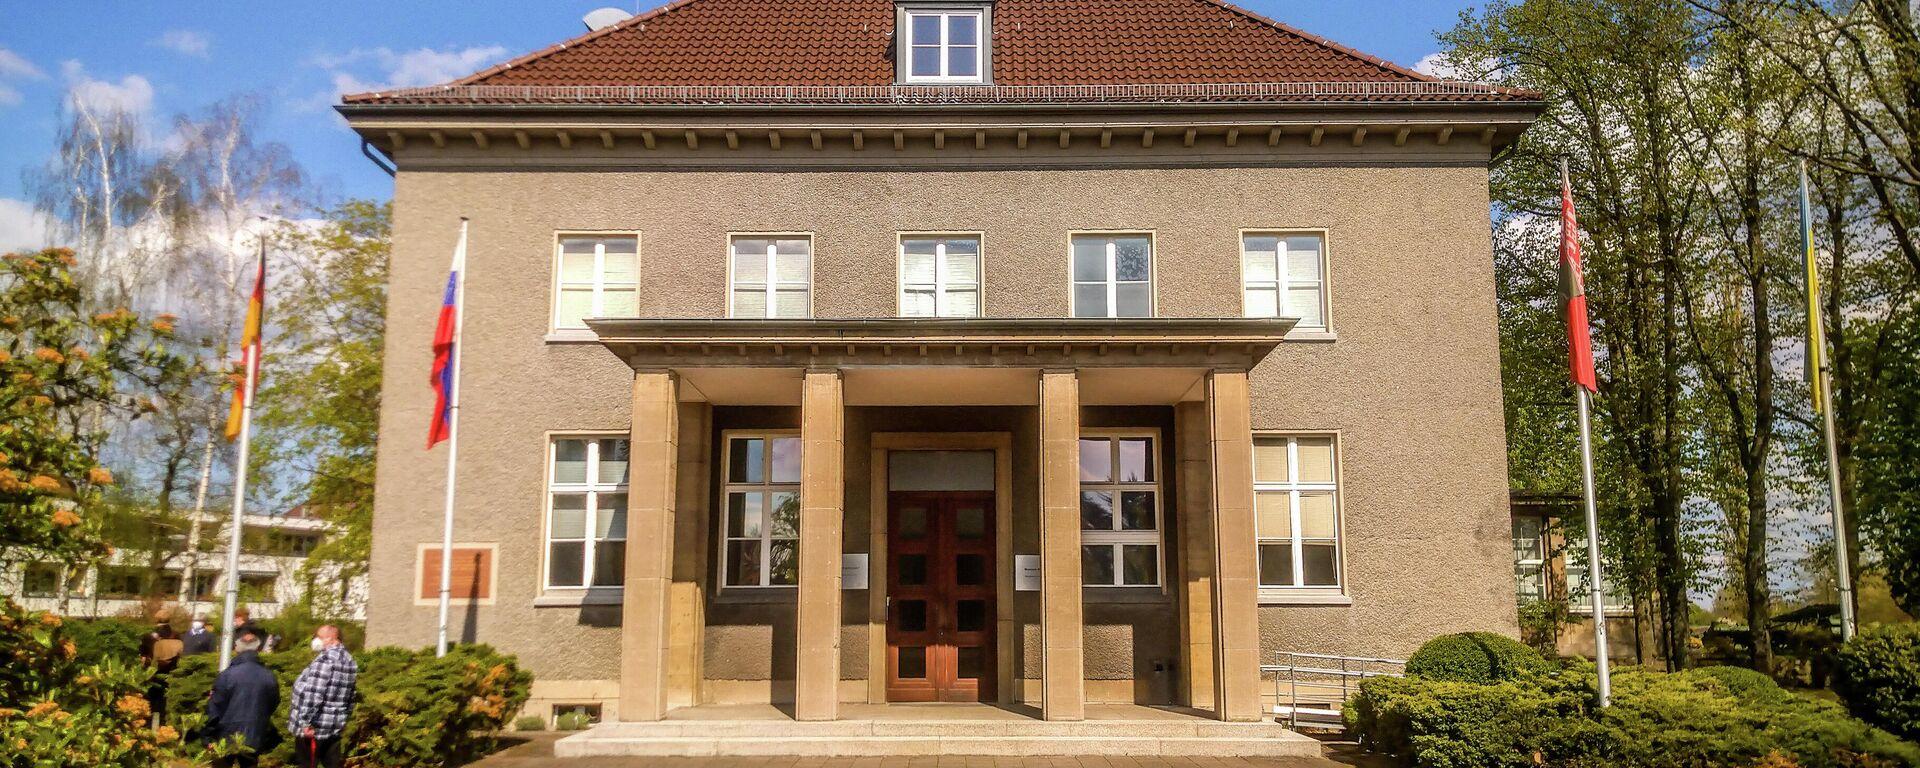 Kranzniederlegung am Deutsch-Russischen Museum in Berlin-Karlshorst 8. Mai 2021 - SNA, 1920, 08.05.2021